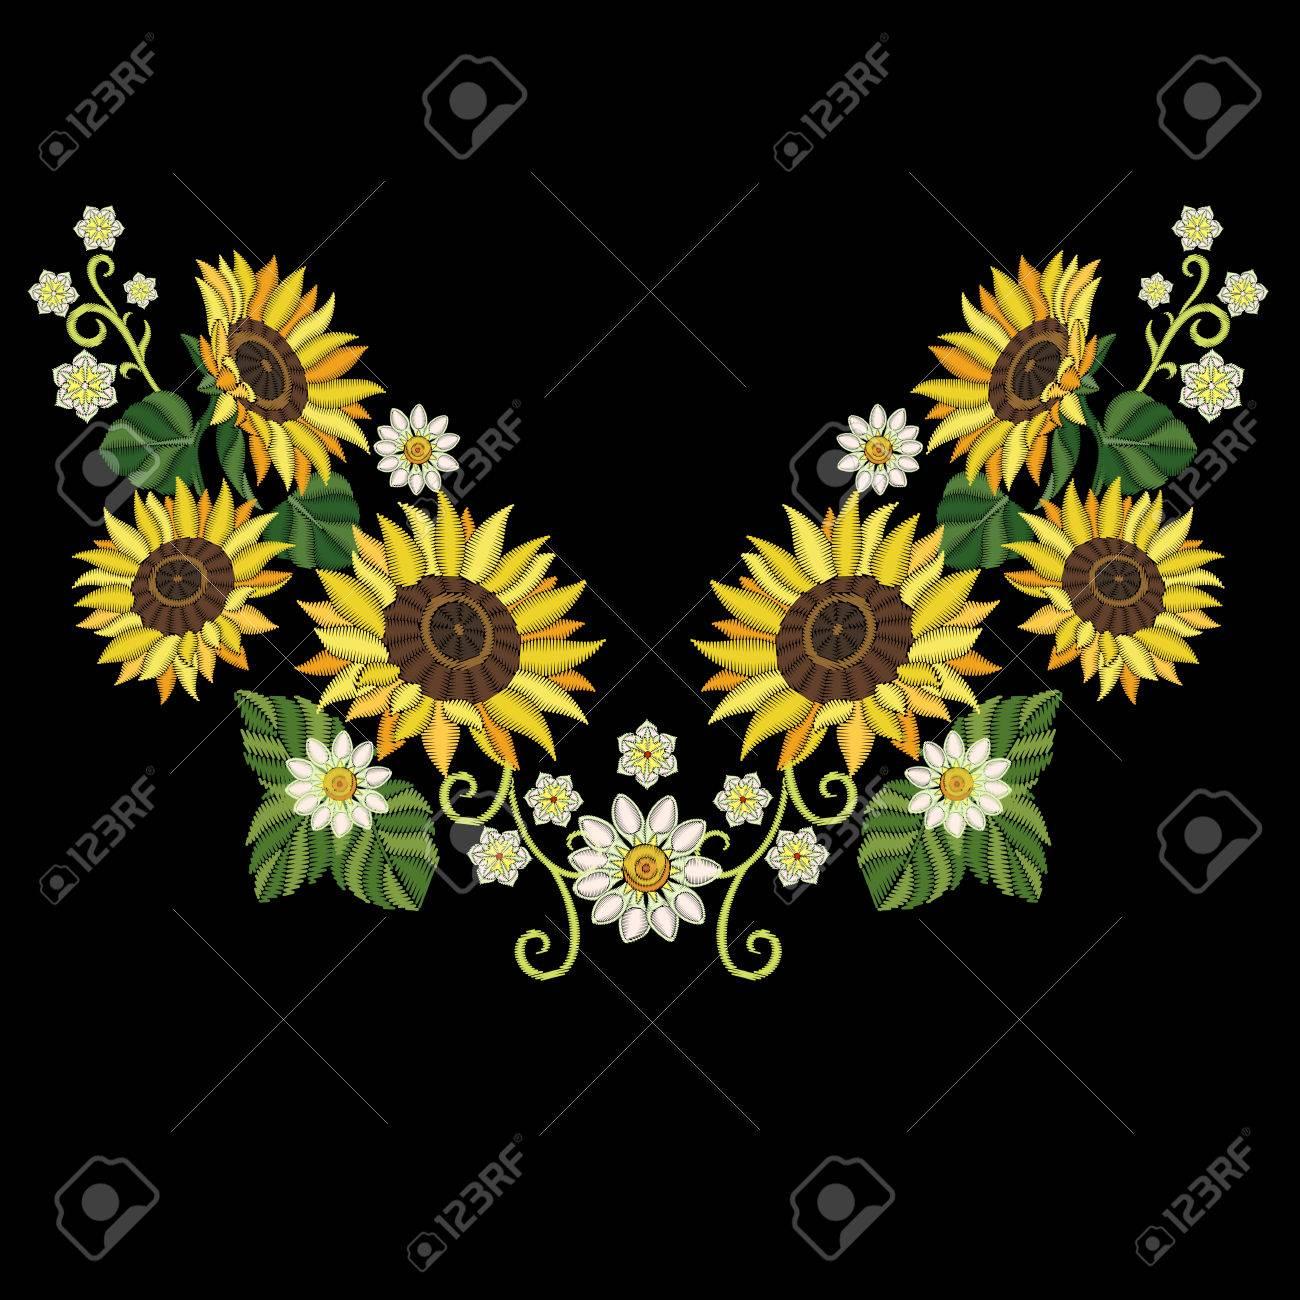 Diseno Del Bordado Coleccion Bordada De Girasoles Y De Flores De La